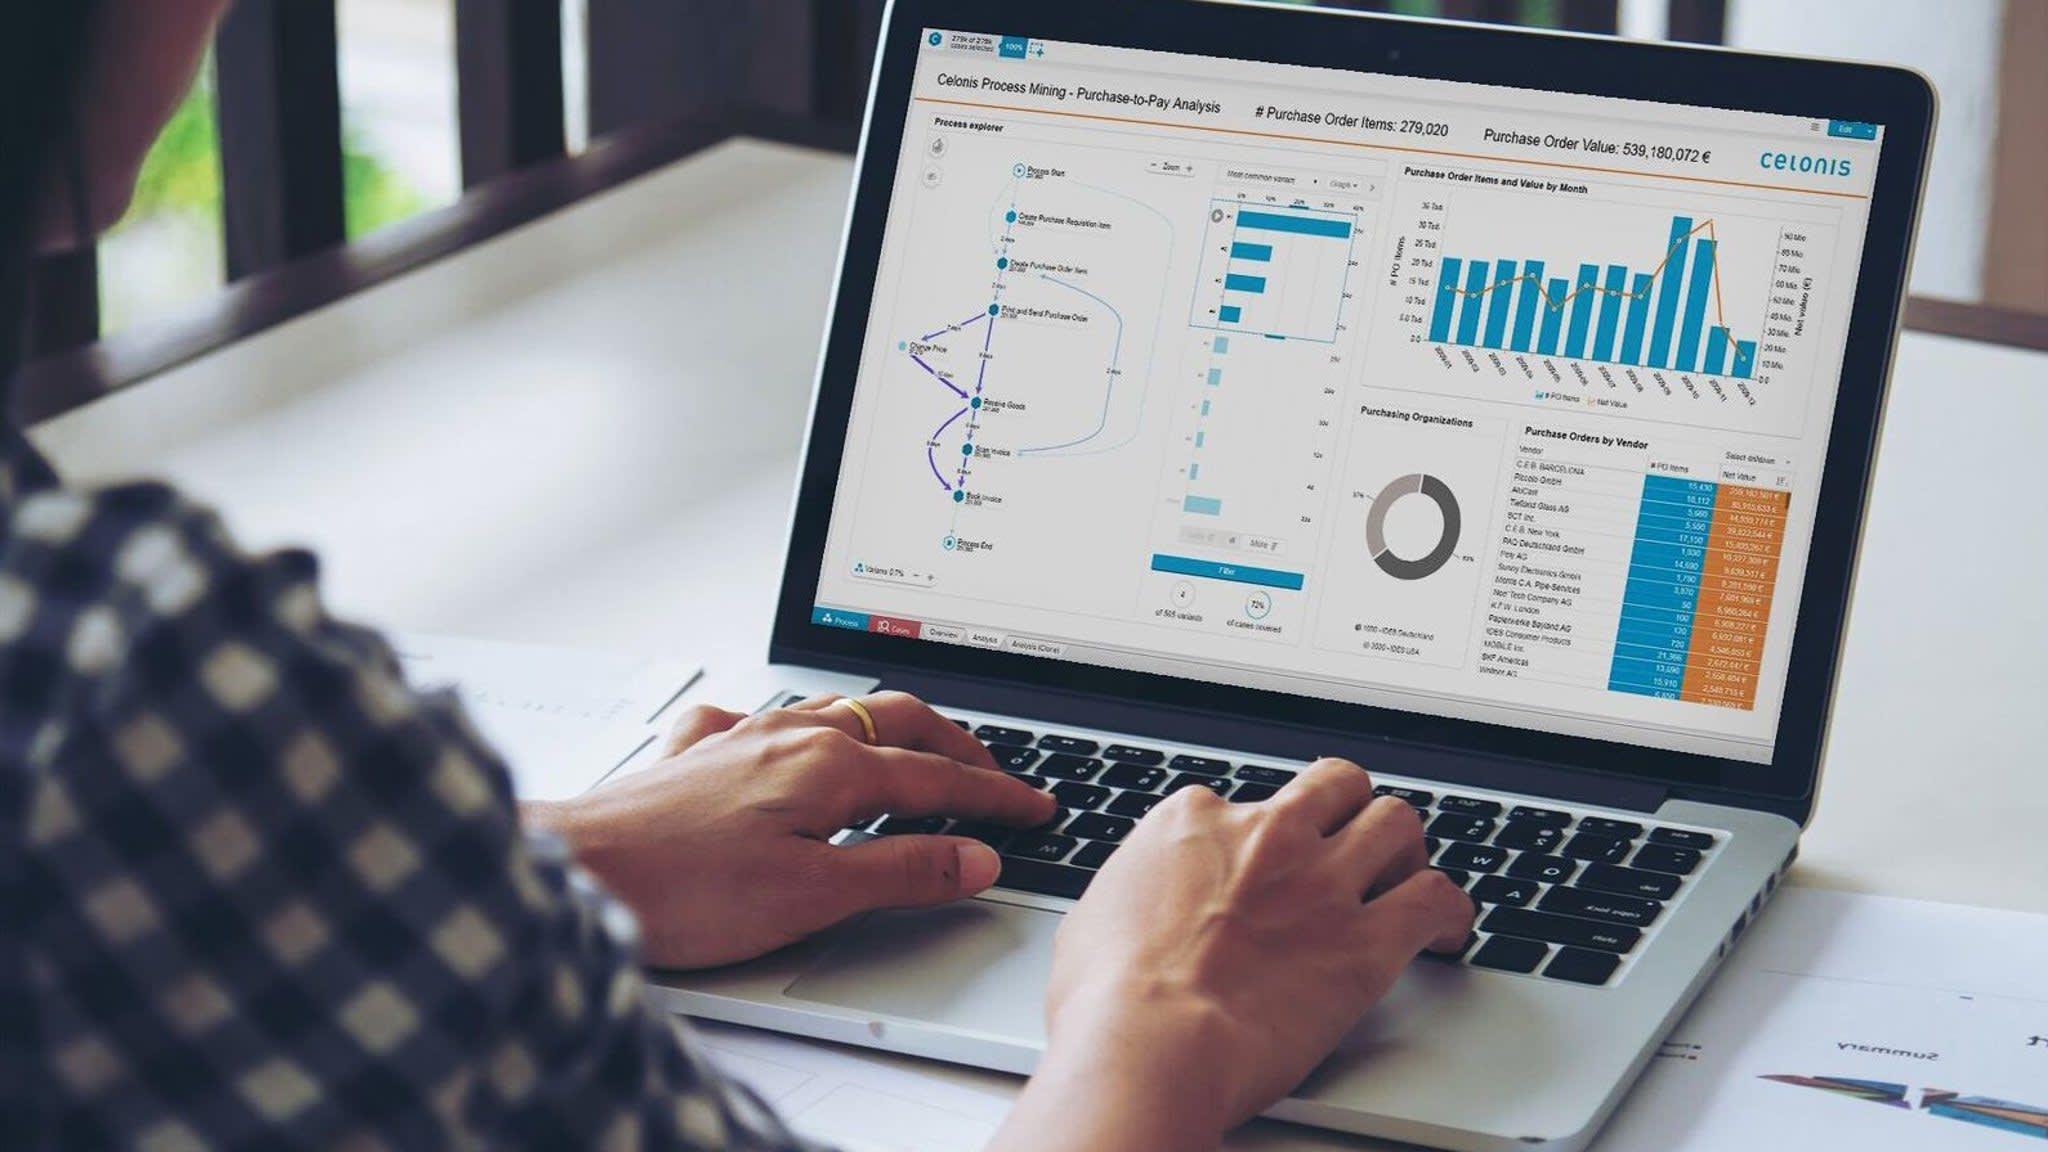 New big data trend tracks 'digital footprints' | Financial Times